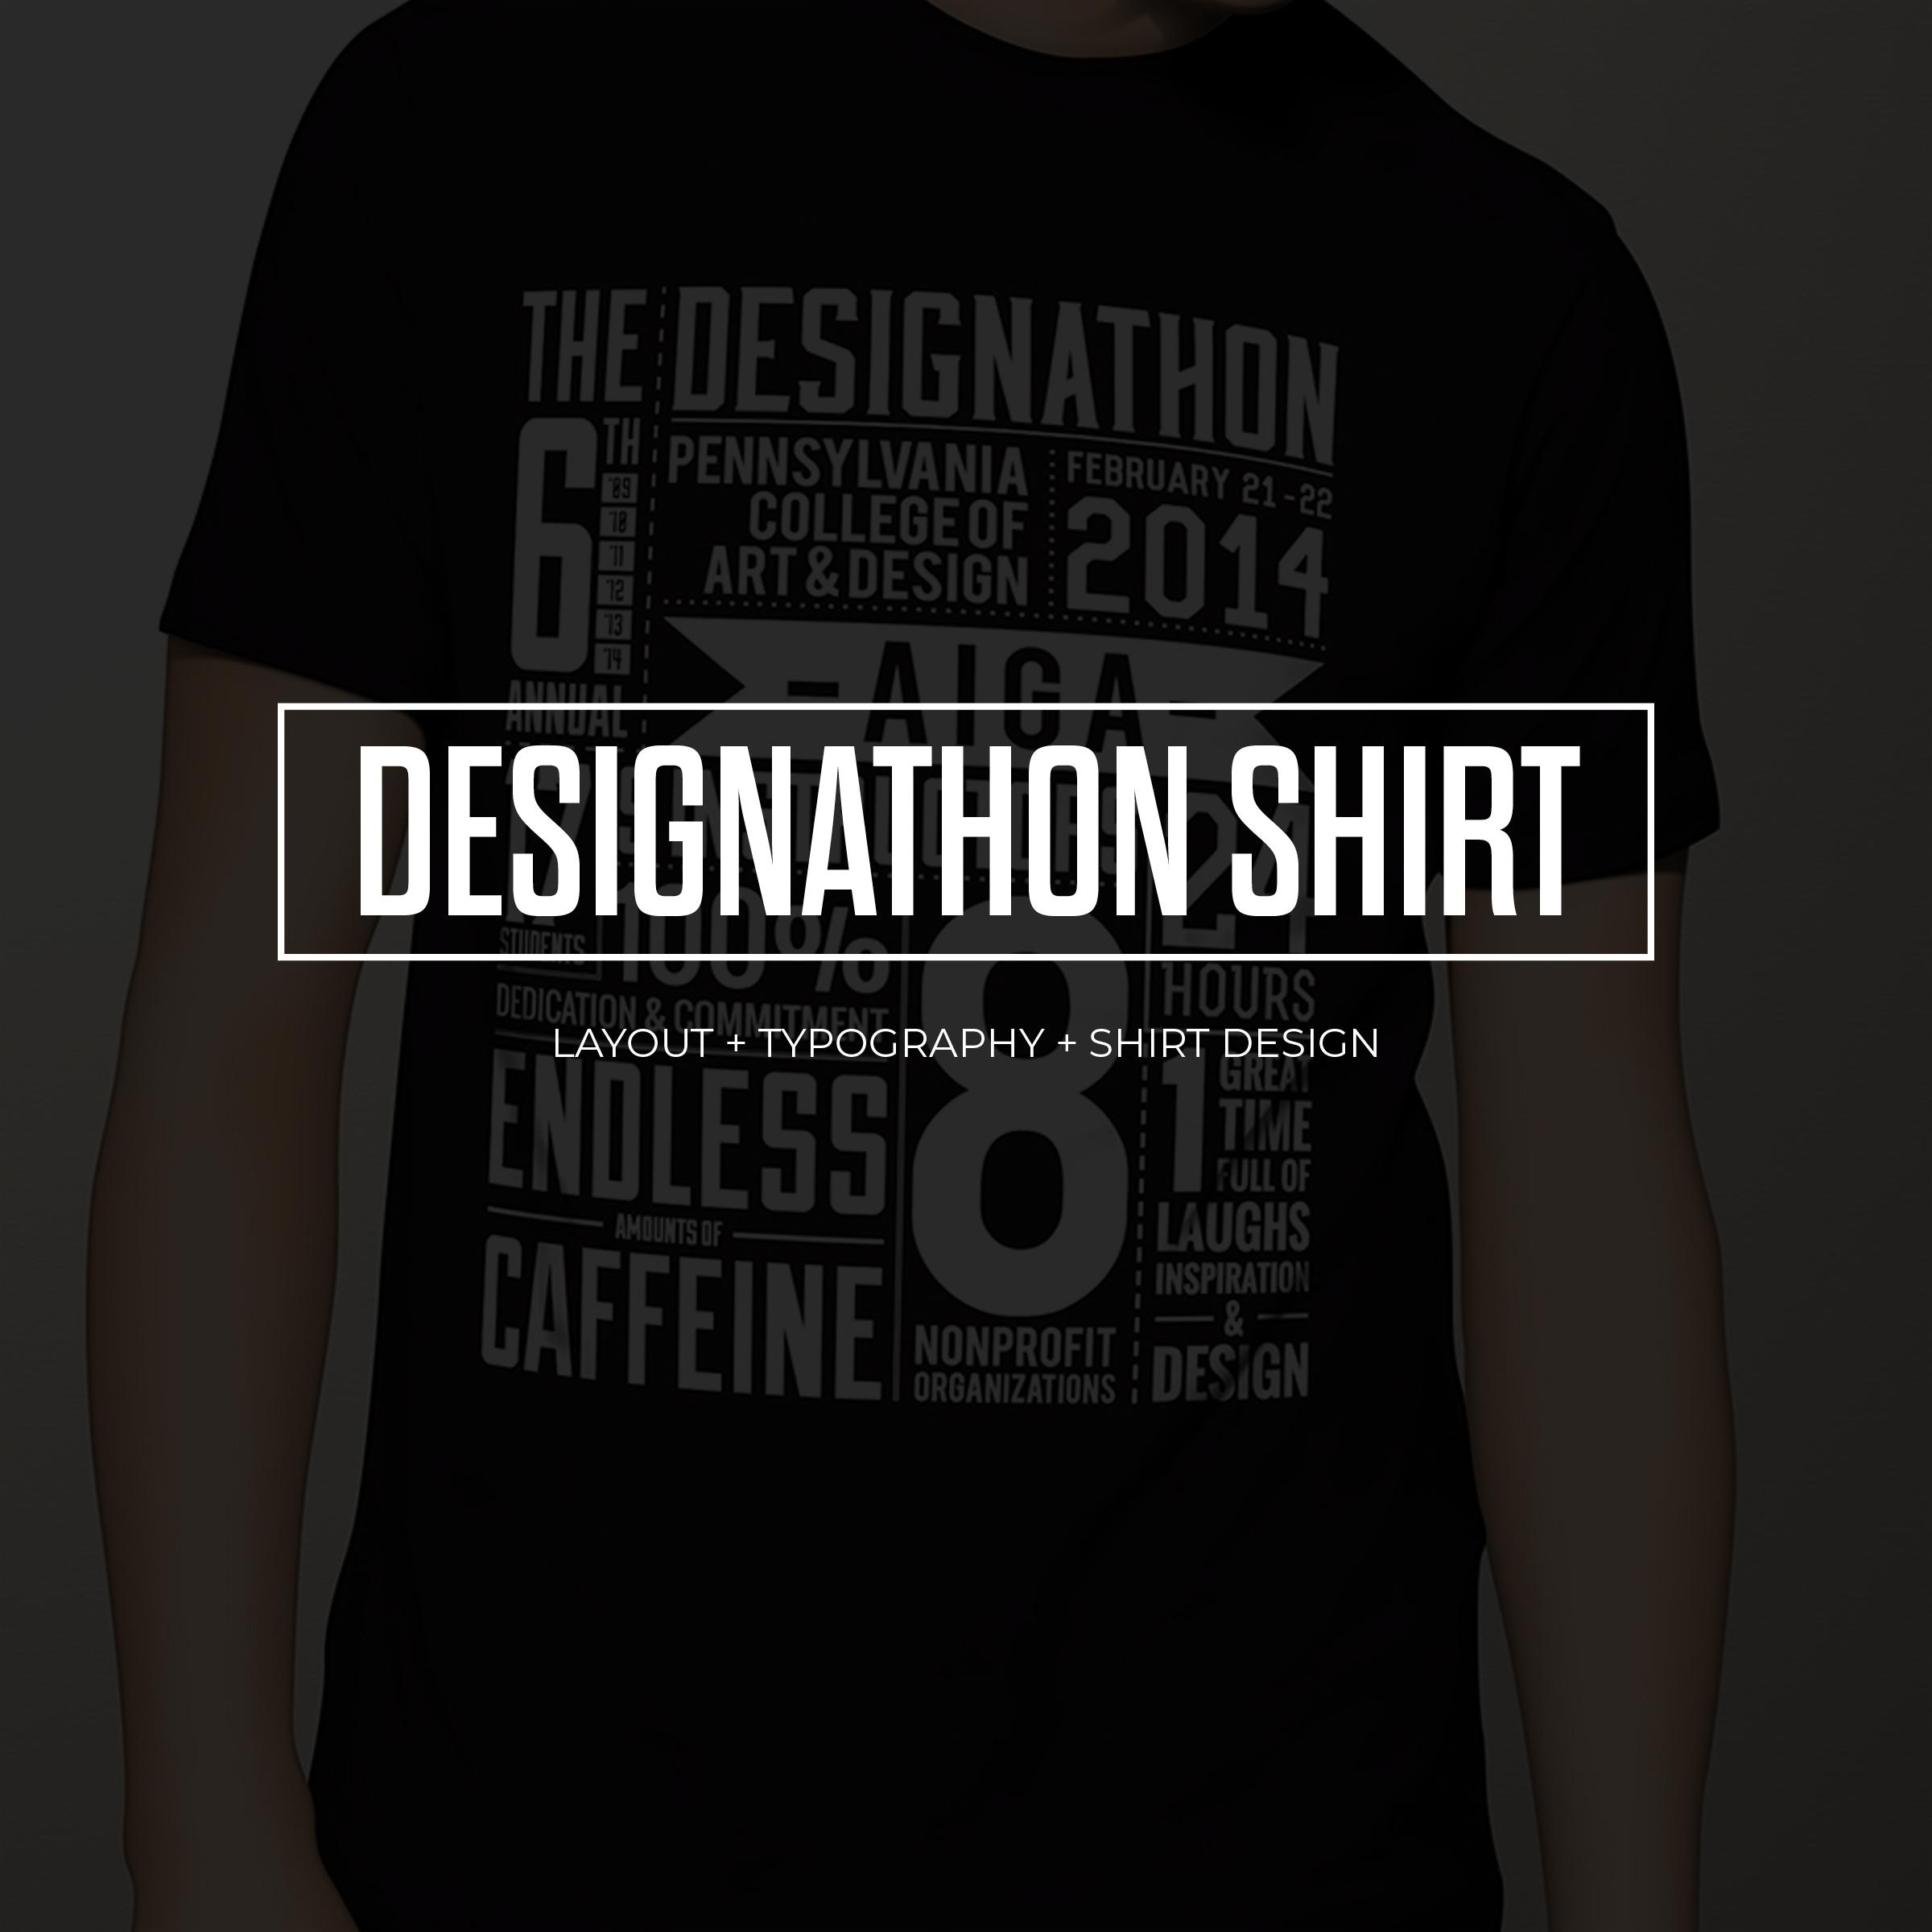 AIGA 6th Annual Designathon T-Shirt Design